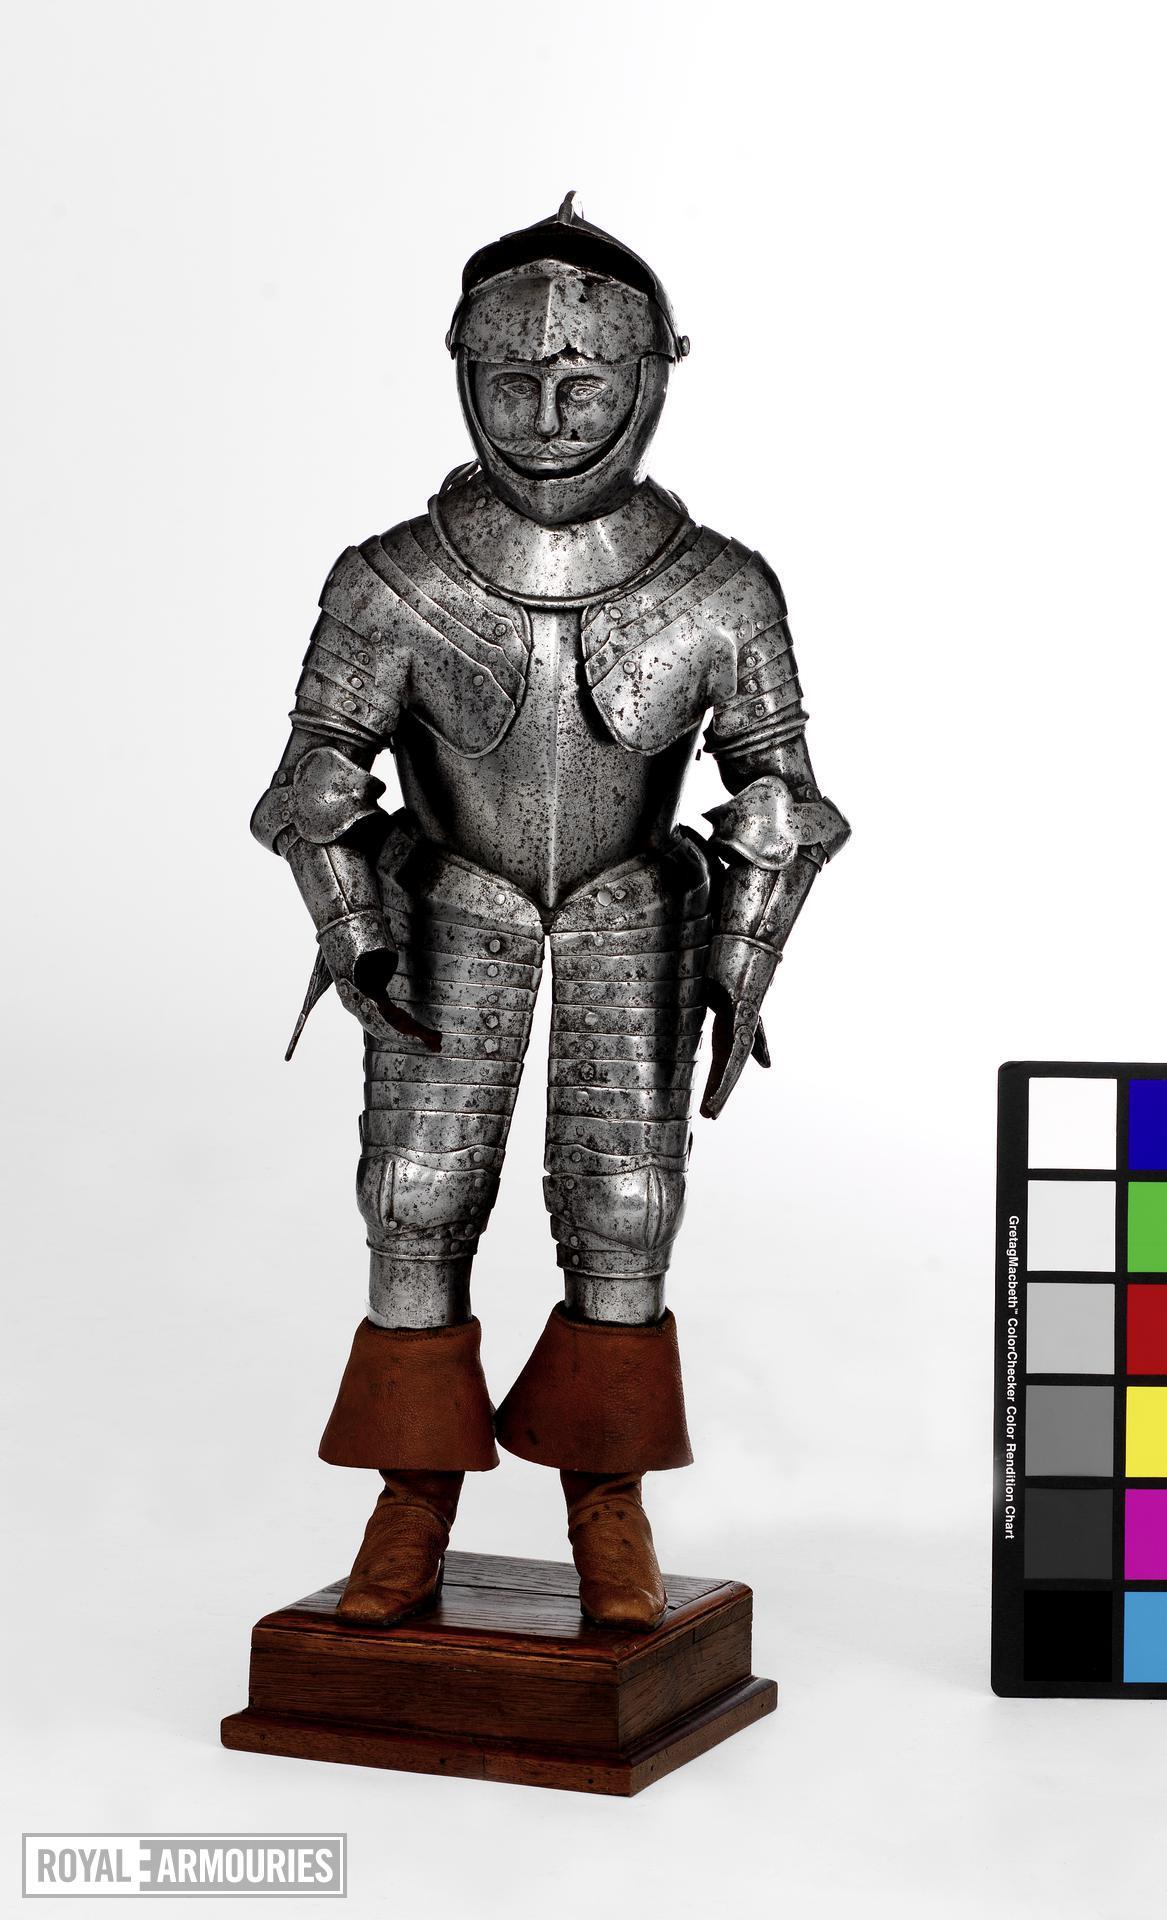 Miniature cuirassier armour Miniature half armour